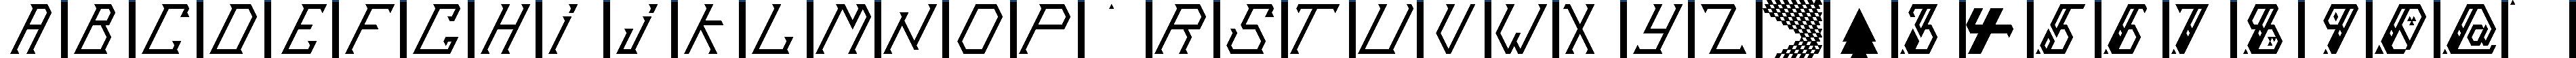 Particip-a-type v.314